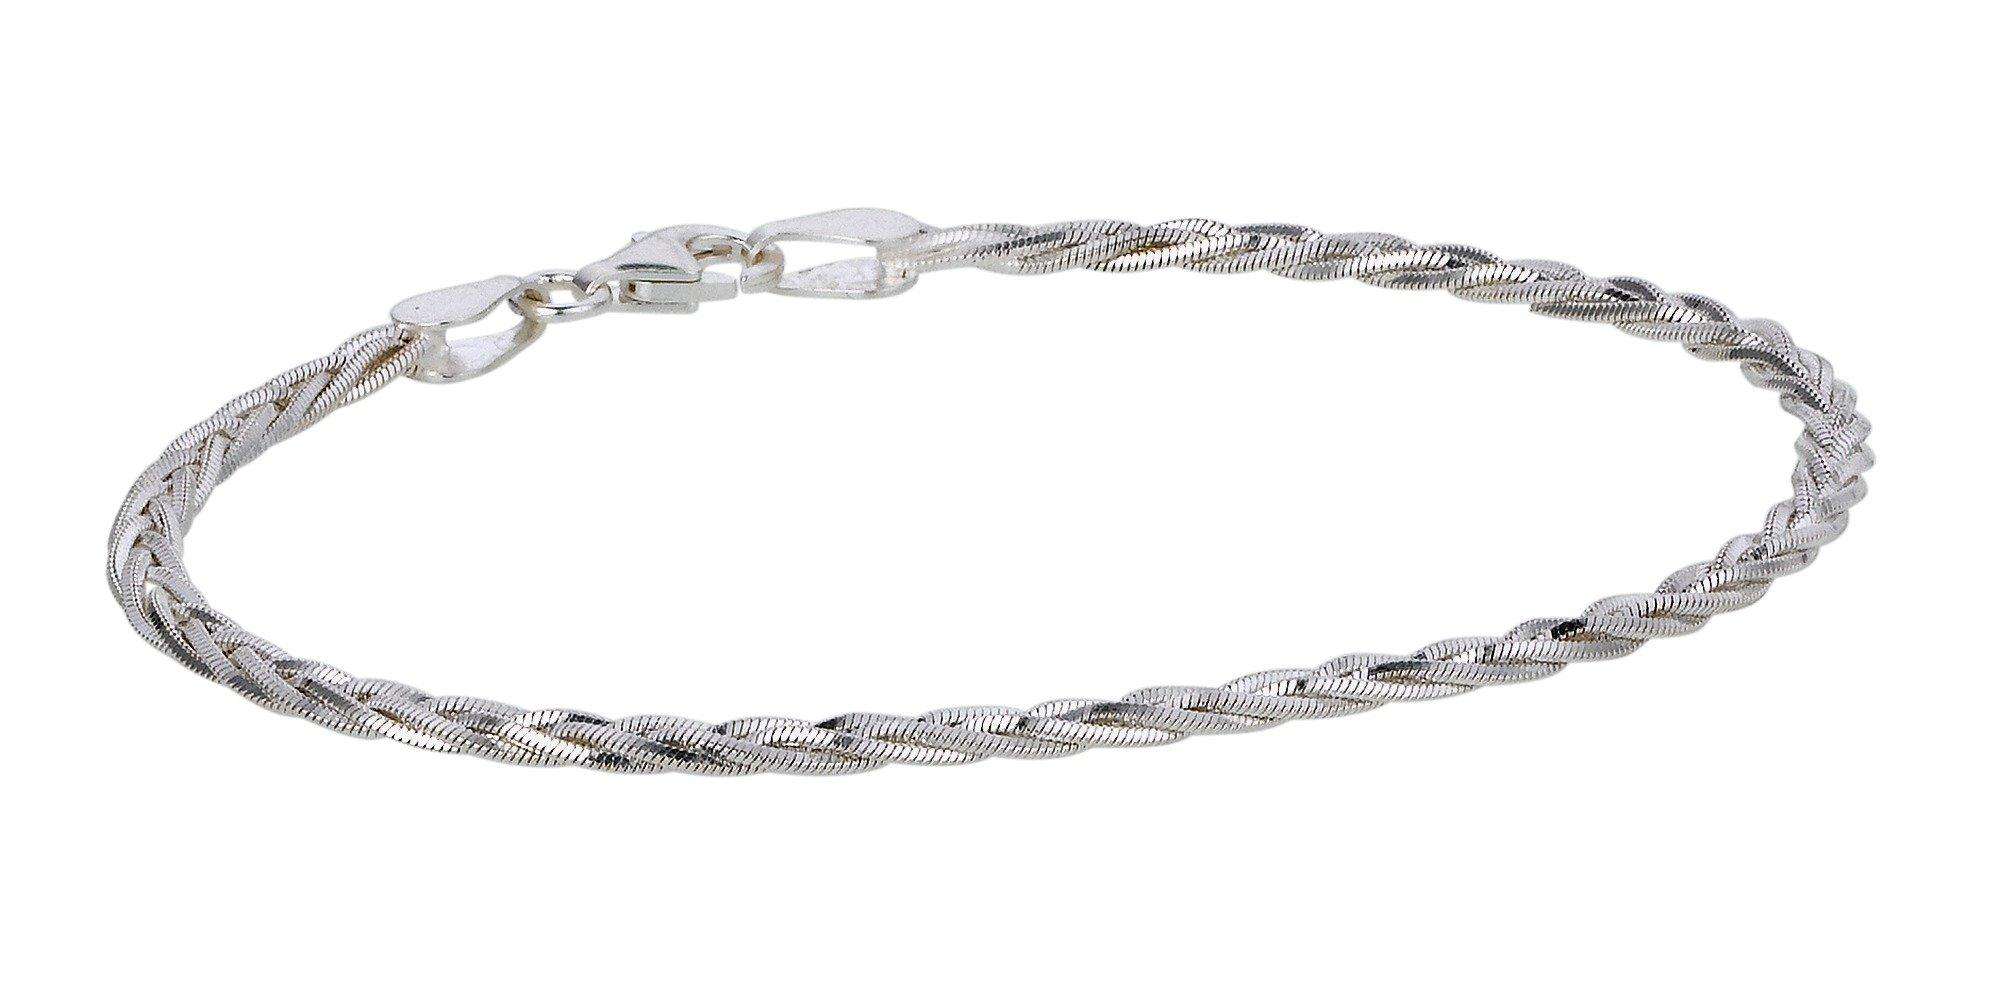 Revere Italian Silver Diamond Cut Snake Chain Bracelet